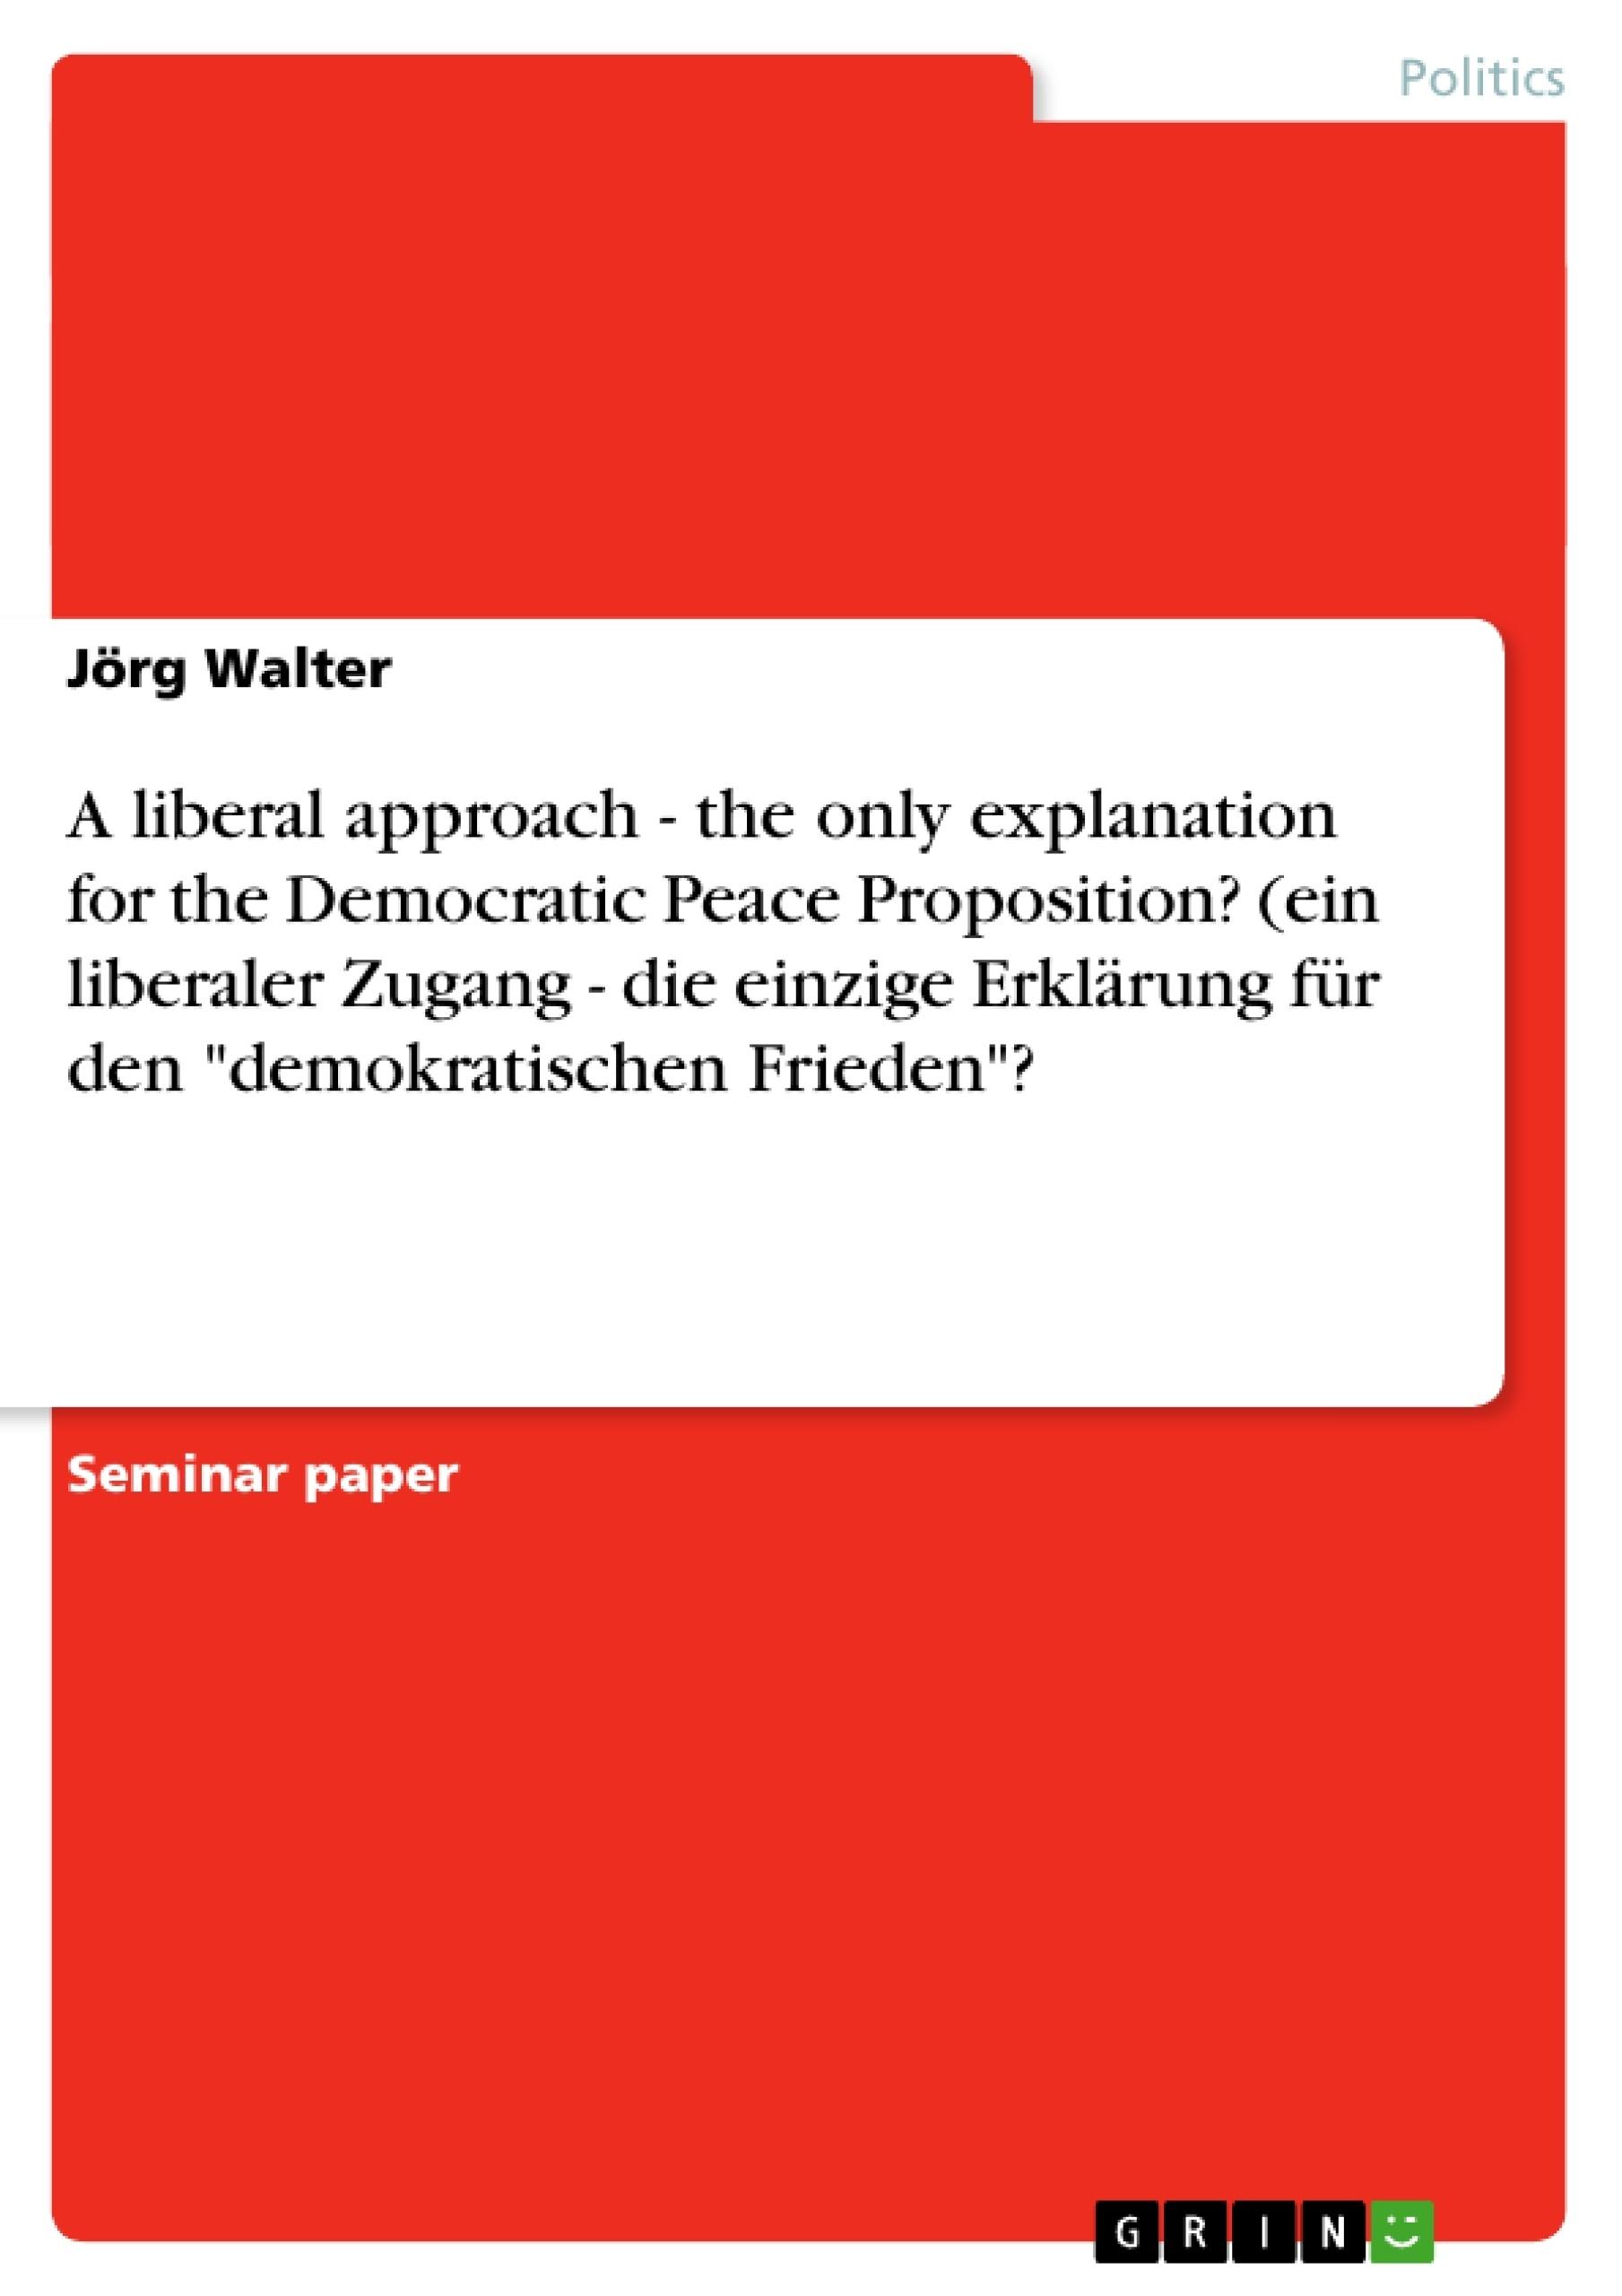 """Title: A liberal approach - the only explanation for the Democratic Peace Proposition? (ein liberaler Zugang - die einzige Erklärung für den """"demokratischen Frieden""""?"""